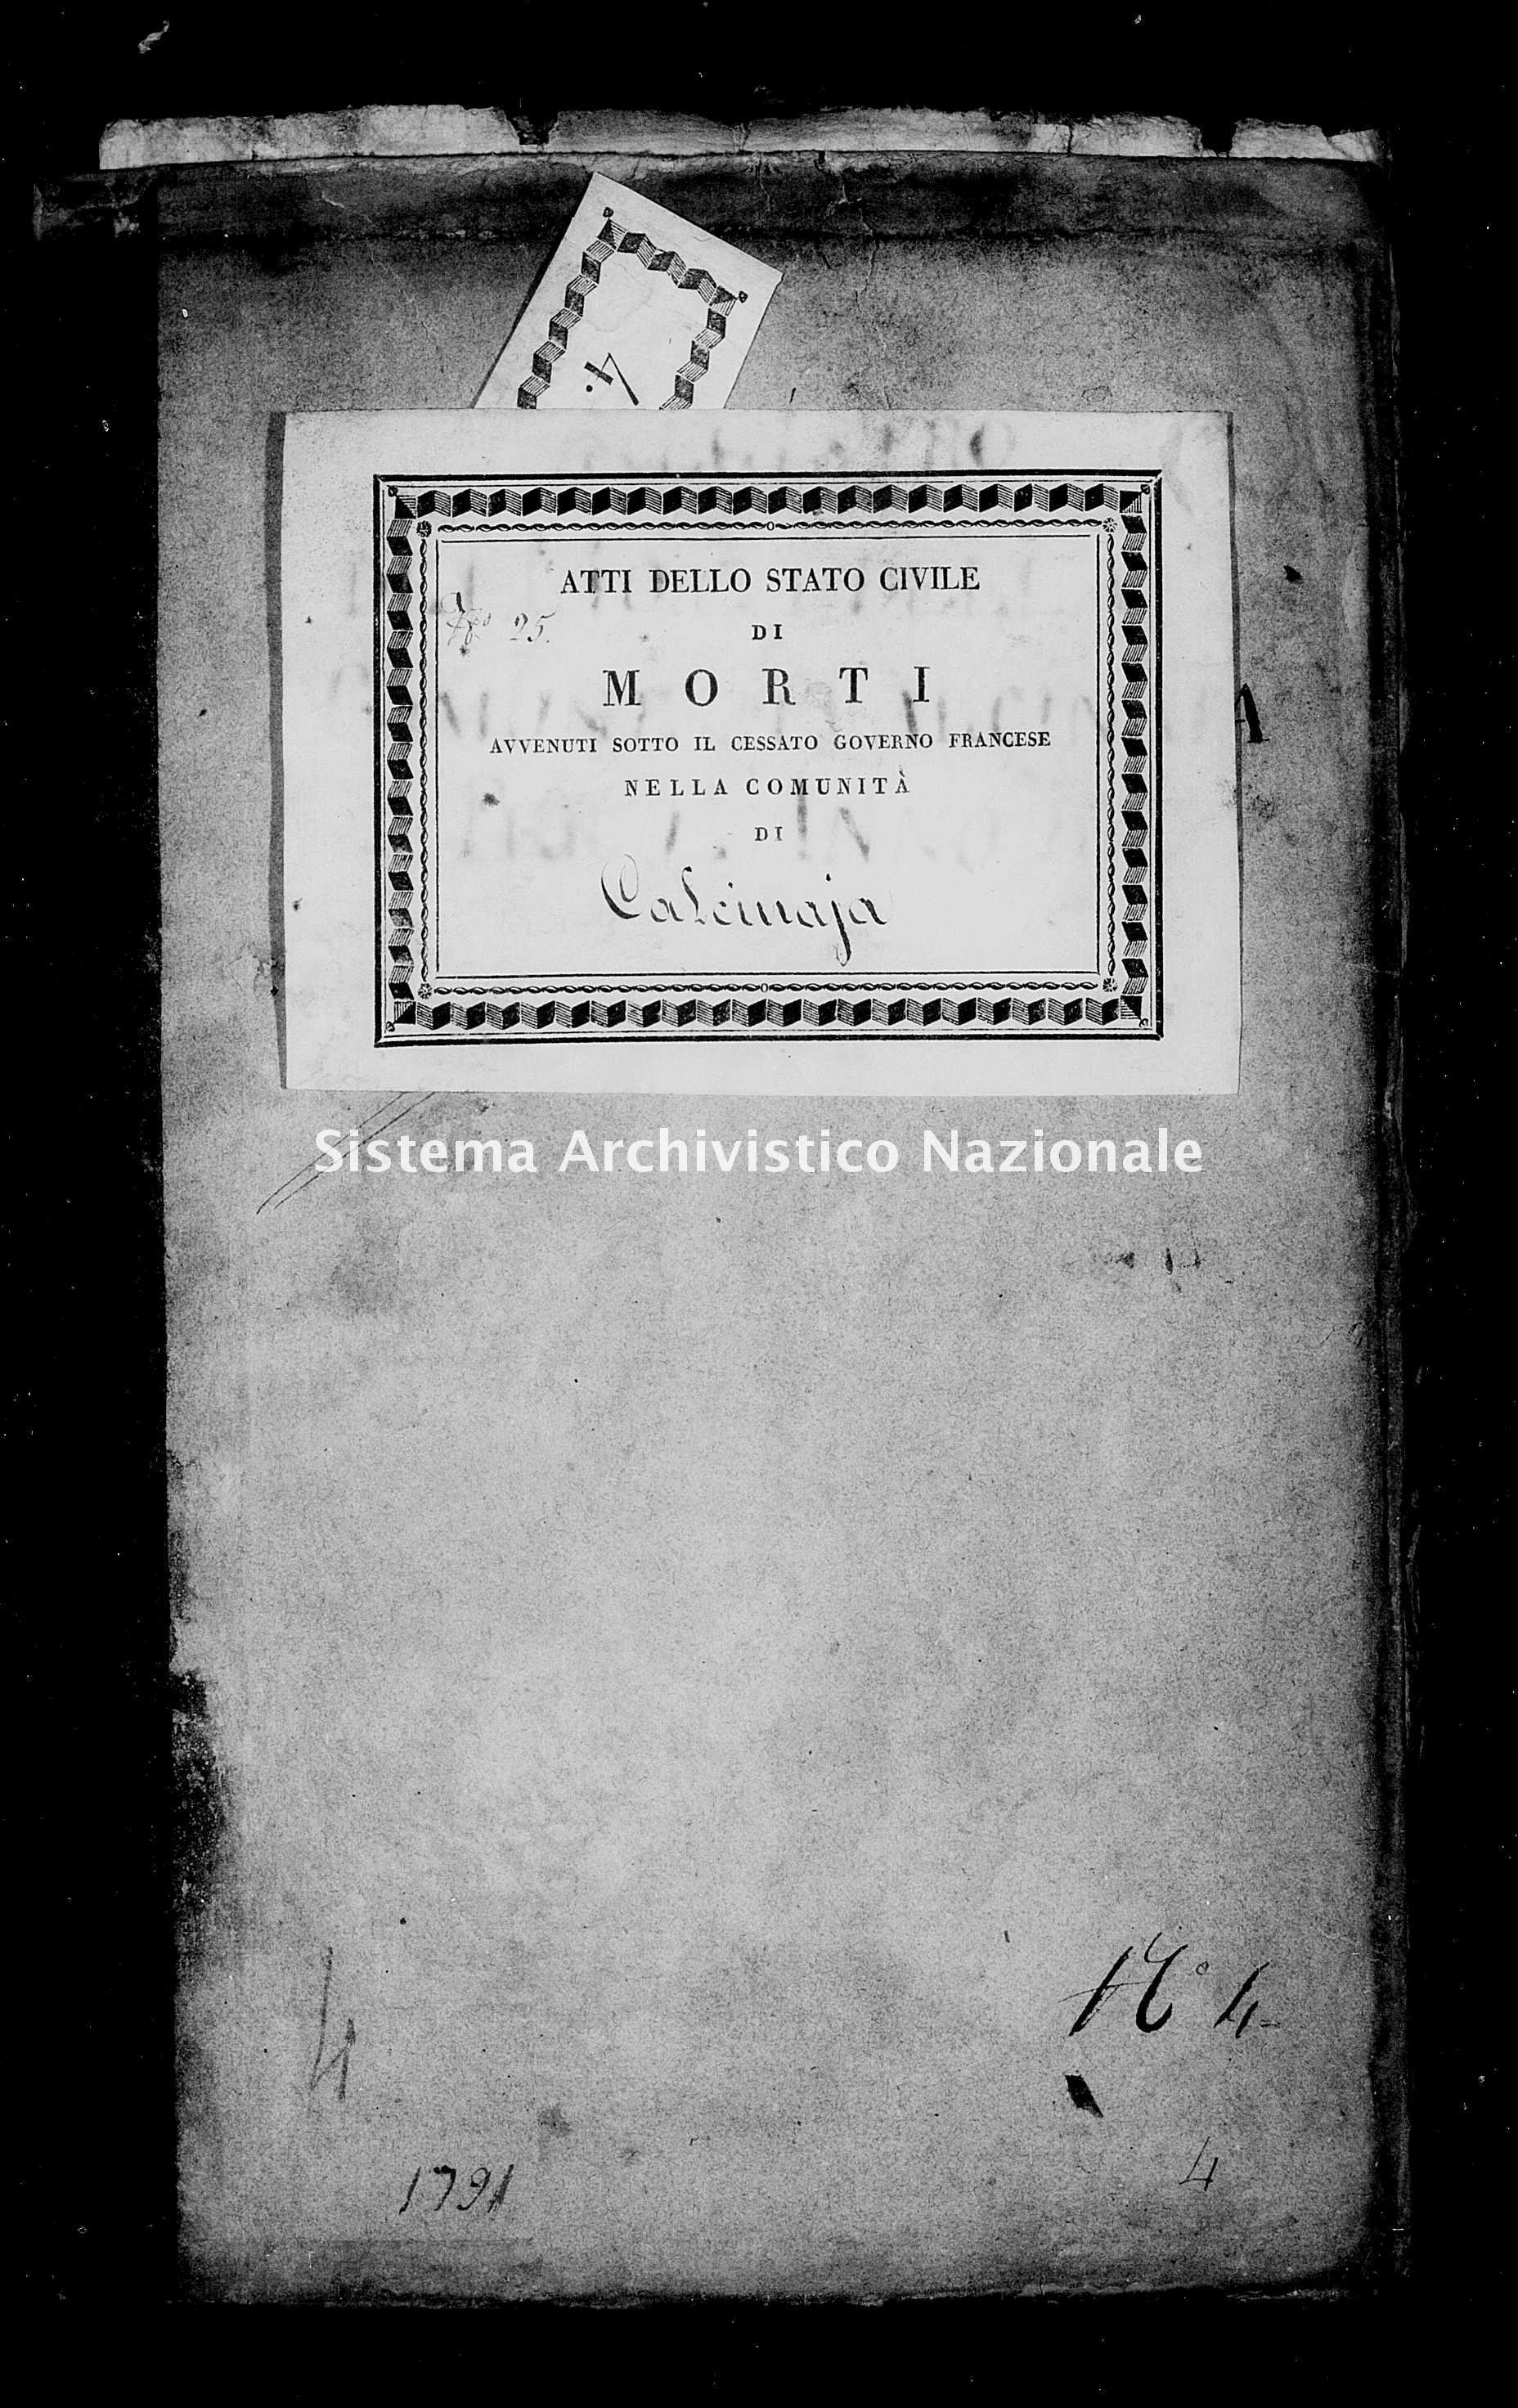 Archivio di stato di Firenze - Stato civile di Toscana (1808-1865) - Calcinaia - Morti - 1811 - 49 -